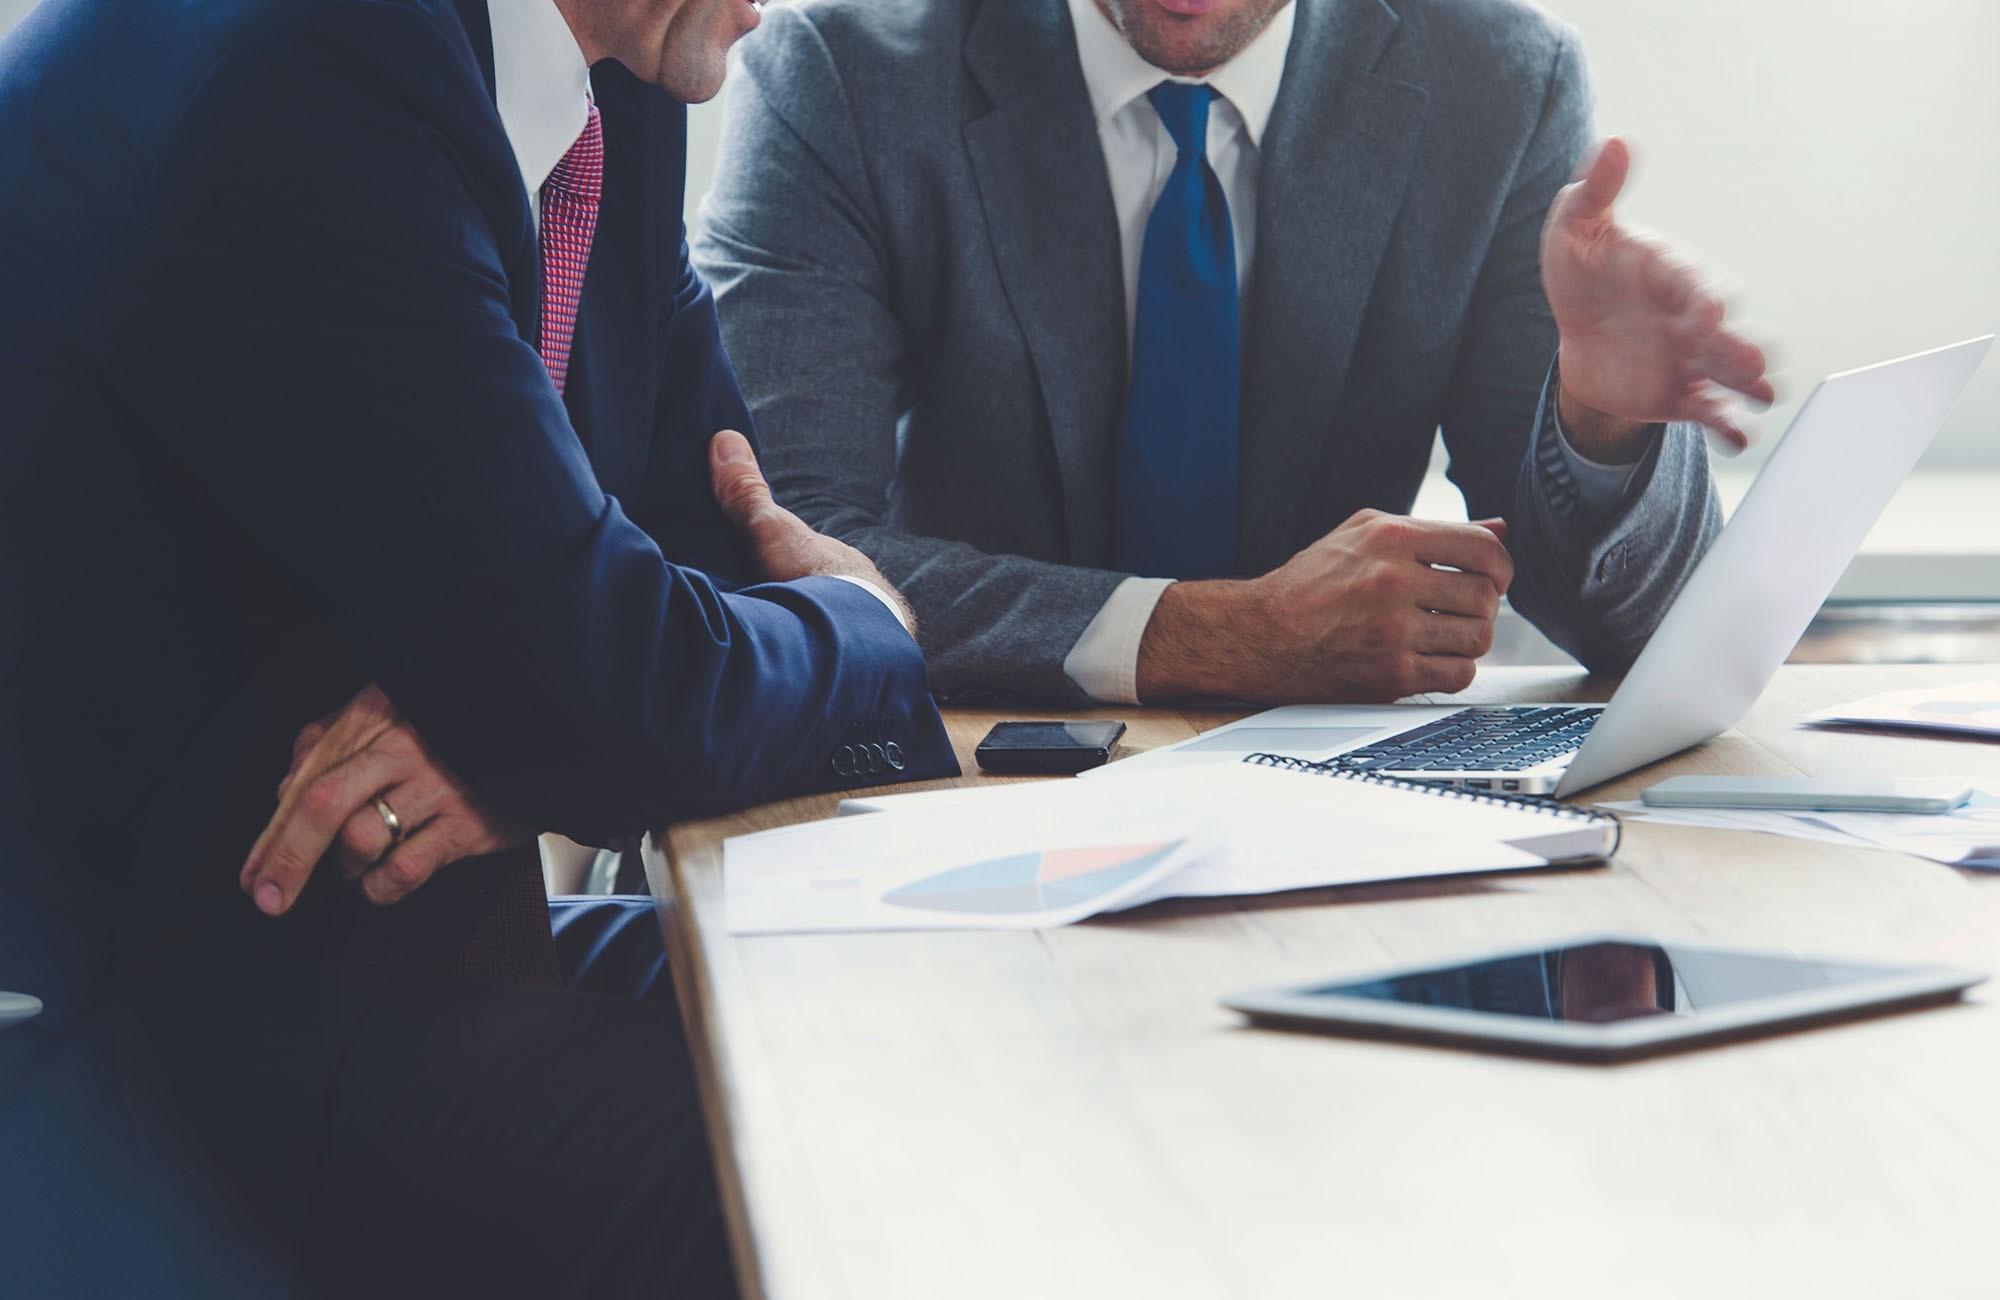 Quản trị nhân sự trong doanh nghiệp vừa và nhỏ hiệu quả cần phải có quy trình phỏng vấn, tuyển dụng hợp lý